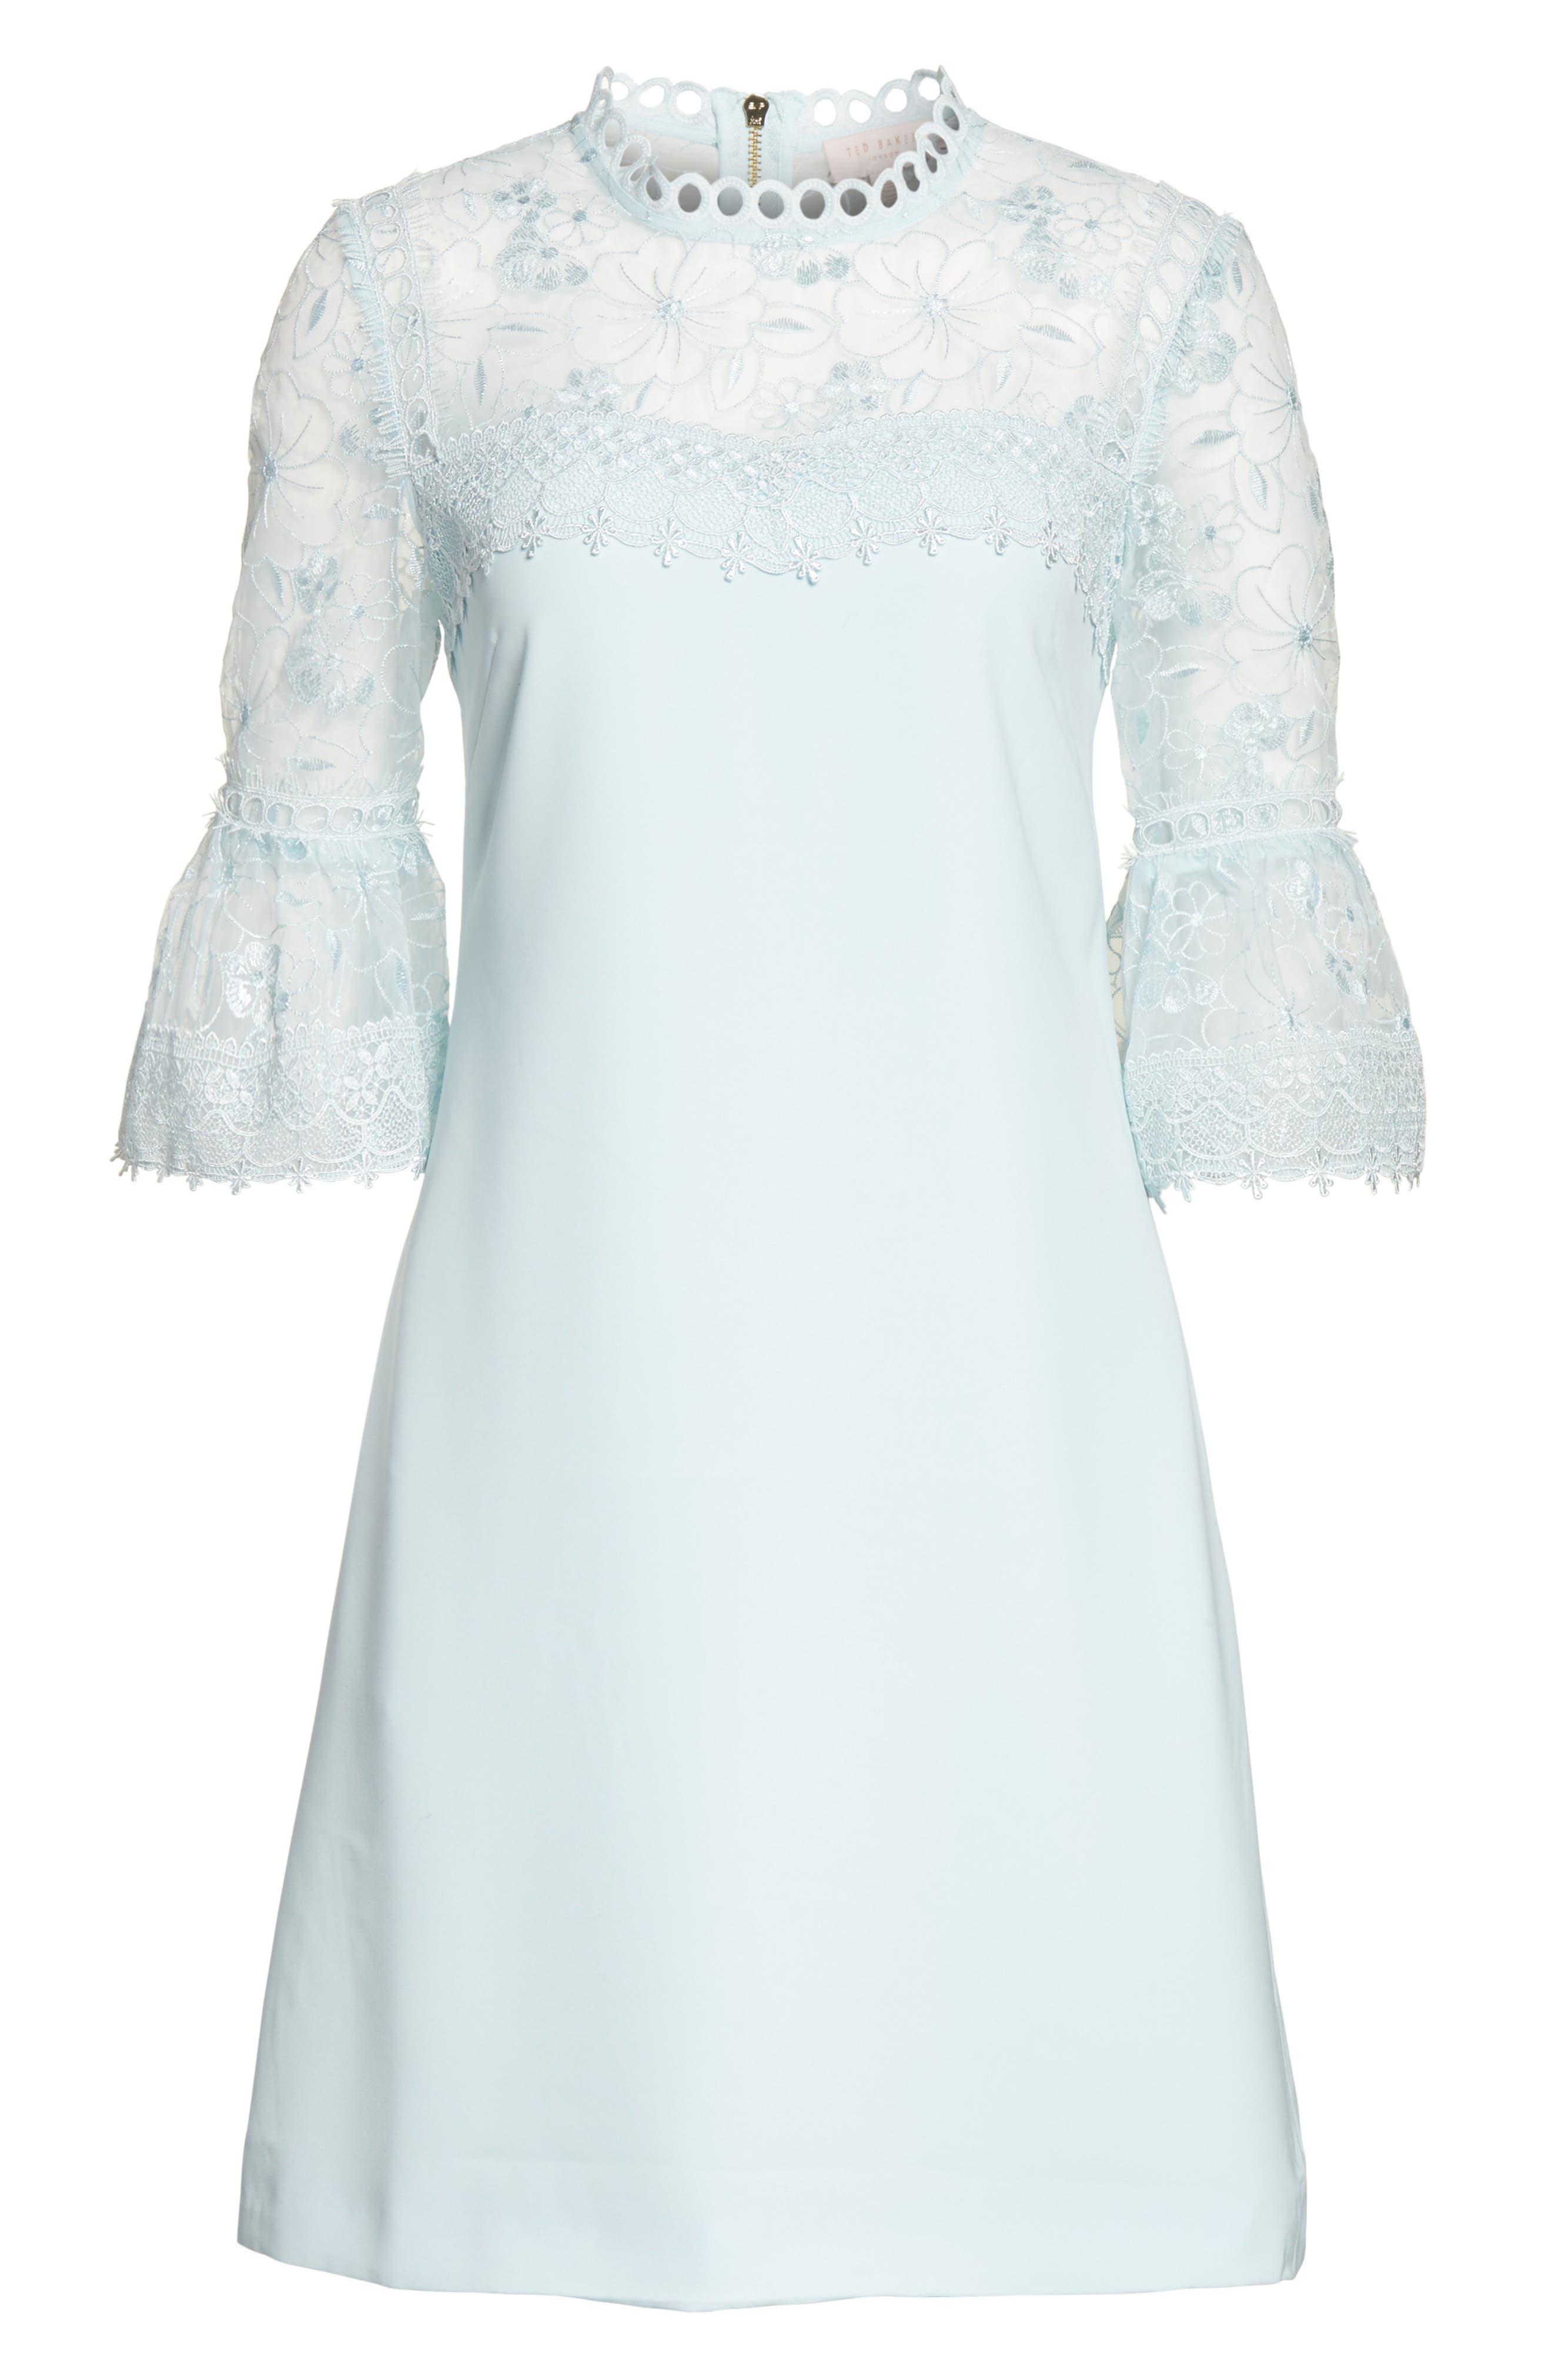 Raechal Lace Sleeve A-Line Dress,                         Main,                         color, Pale Blue